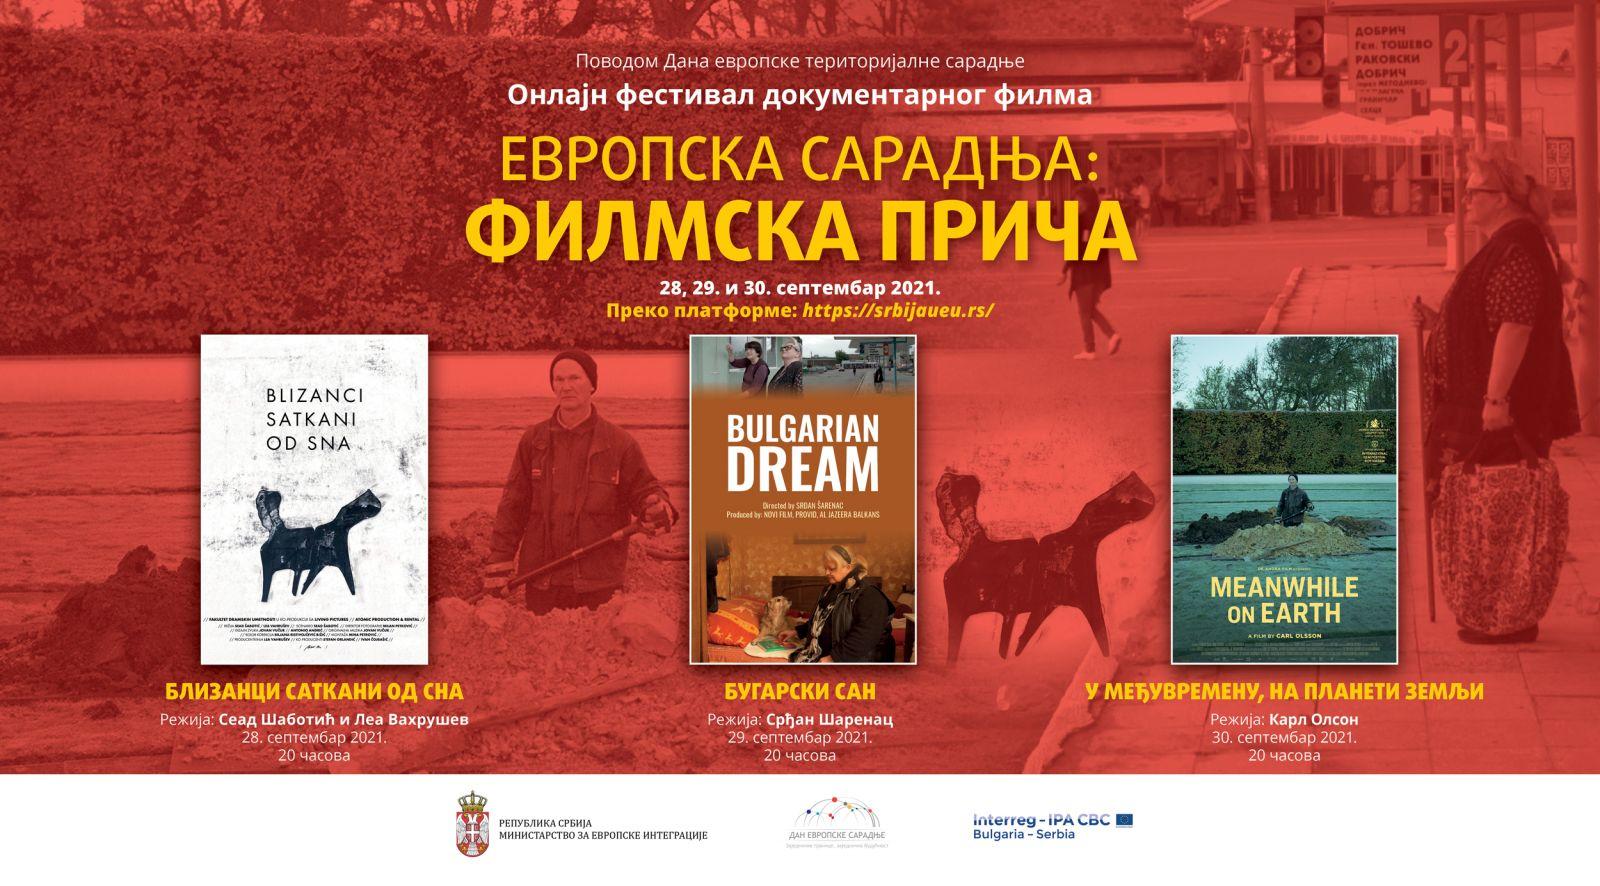 """Фeстивал документарног филма """"Европска сарадња: филмска прича"""" – онлајн пројекције"""